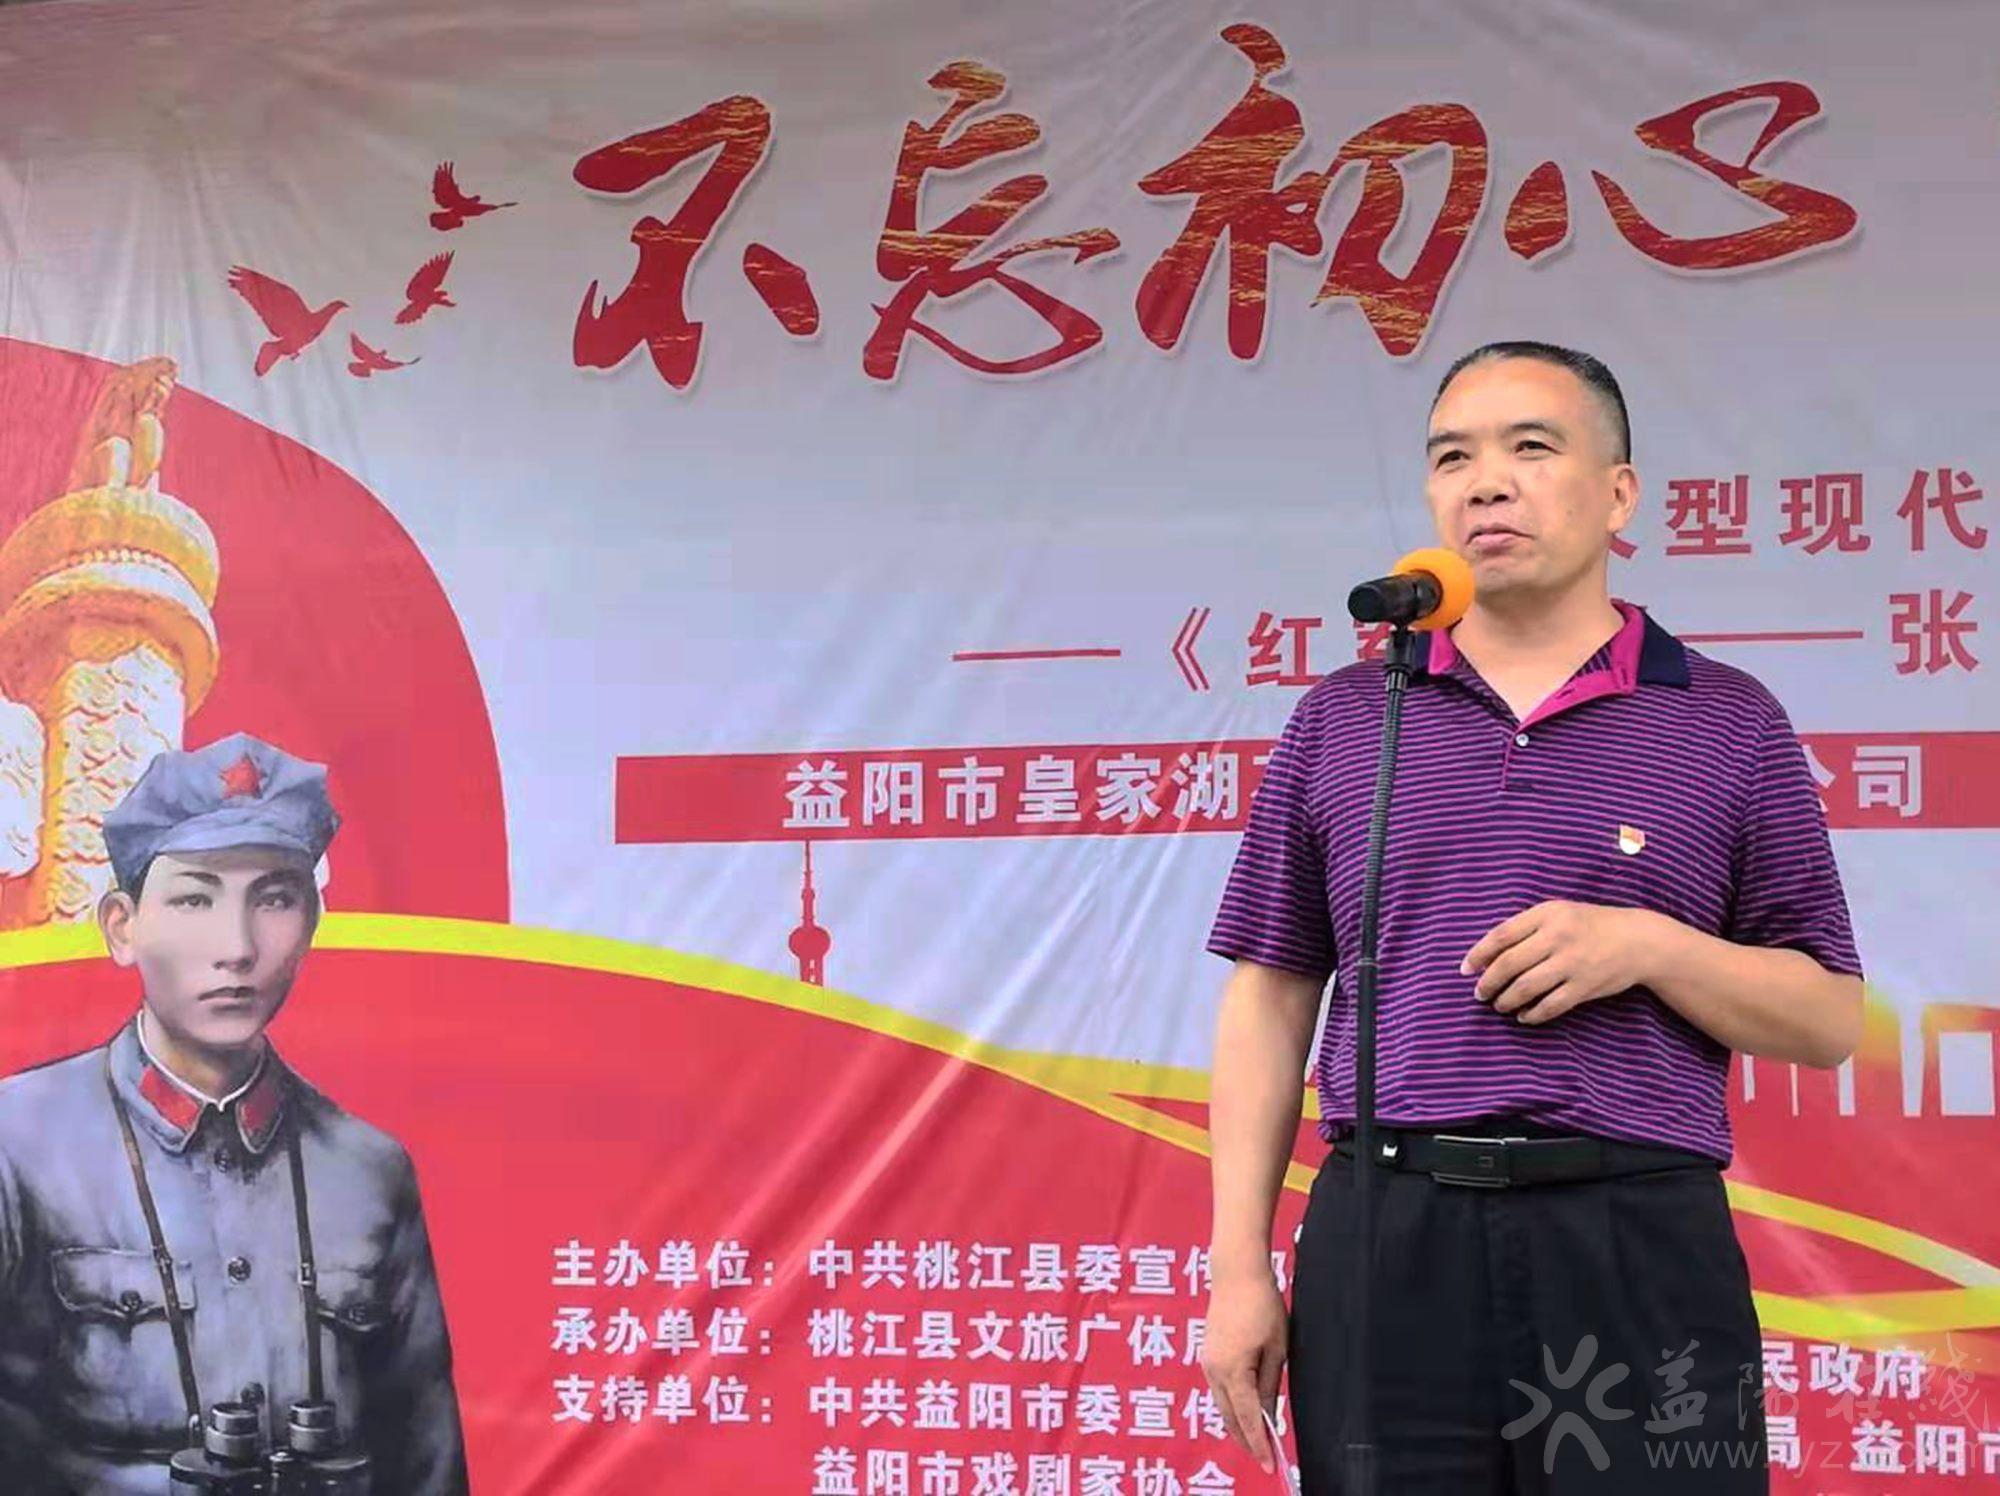 桃江县委宣传部胡国清部长讲话